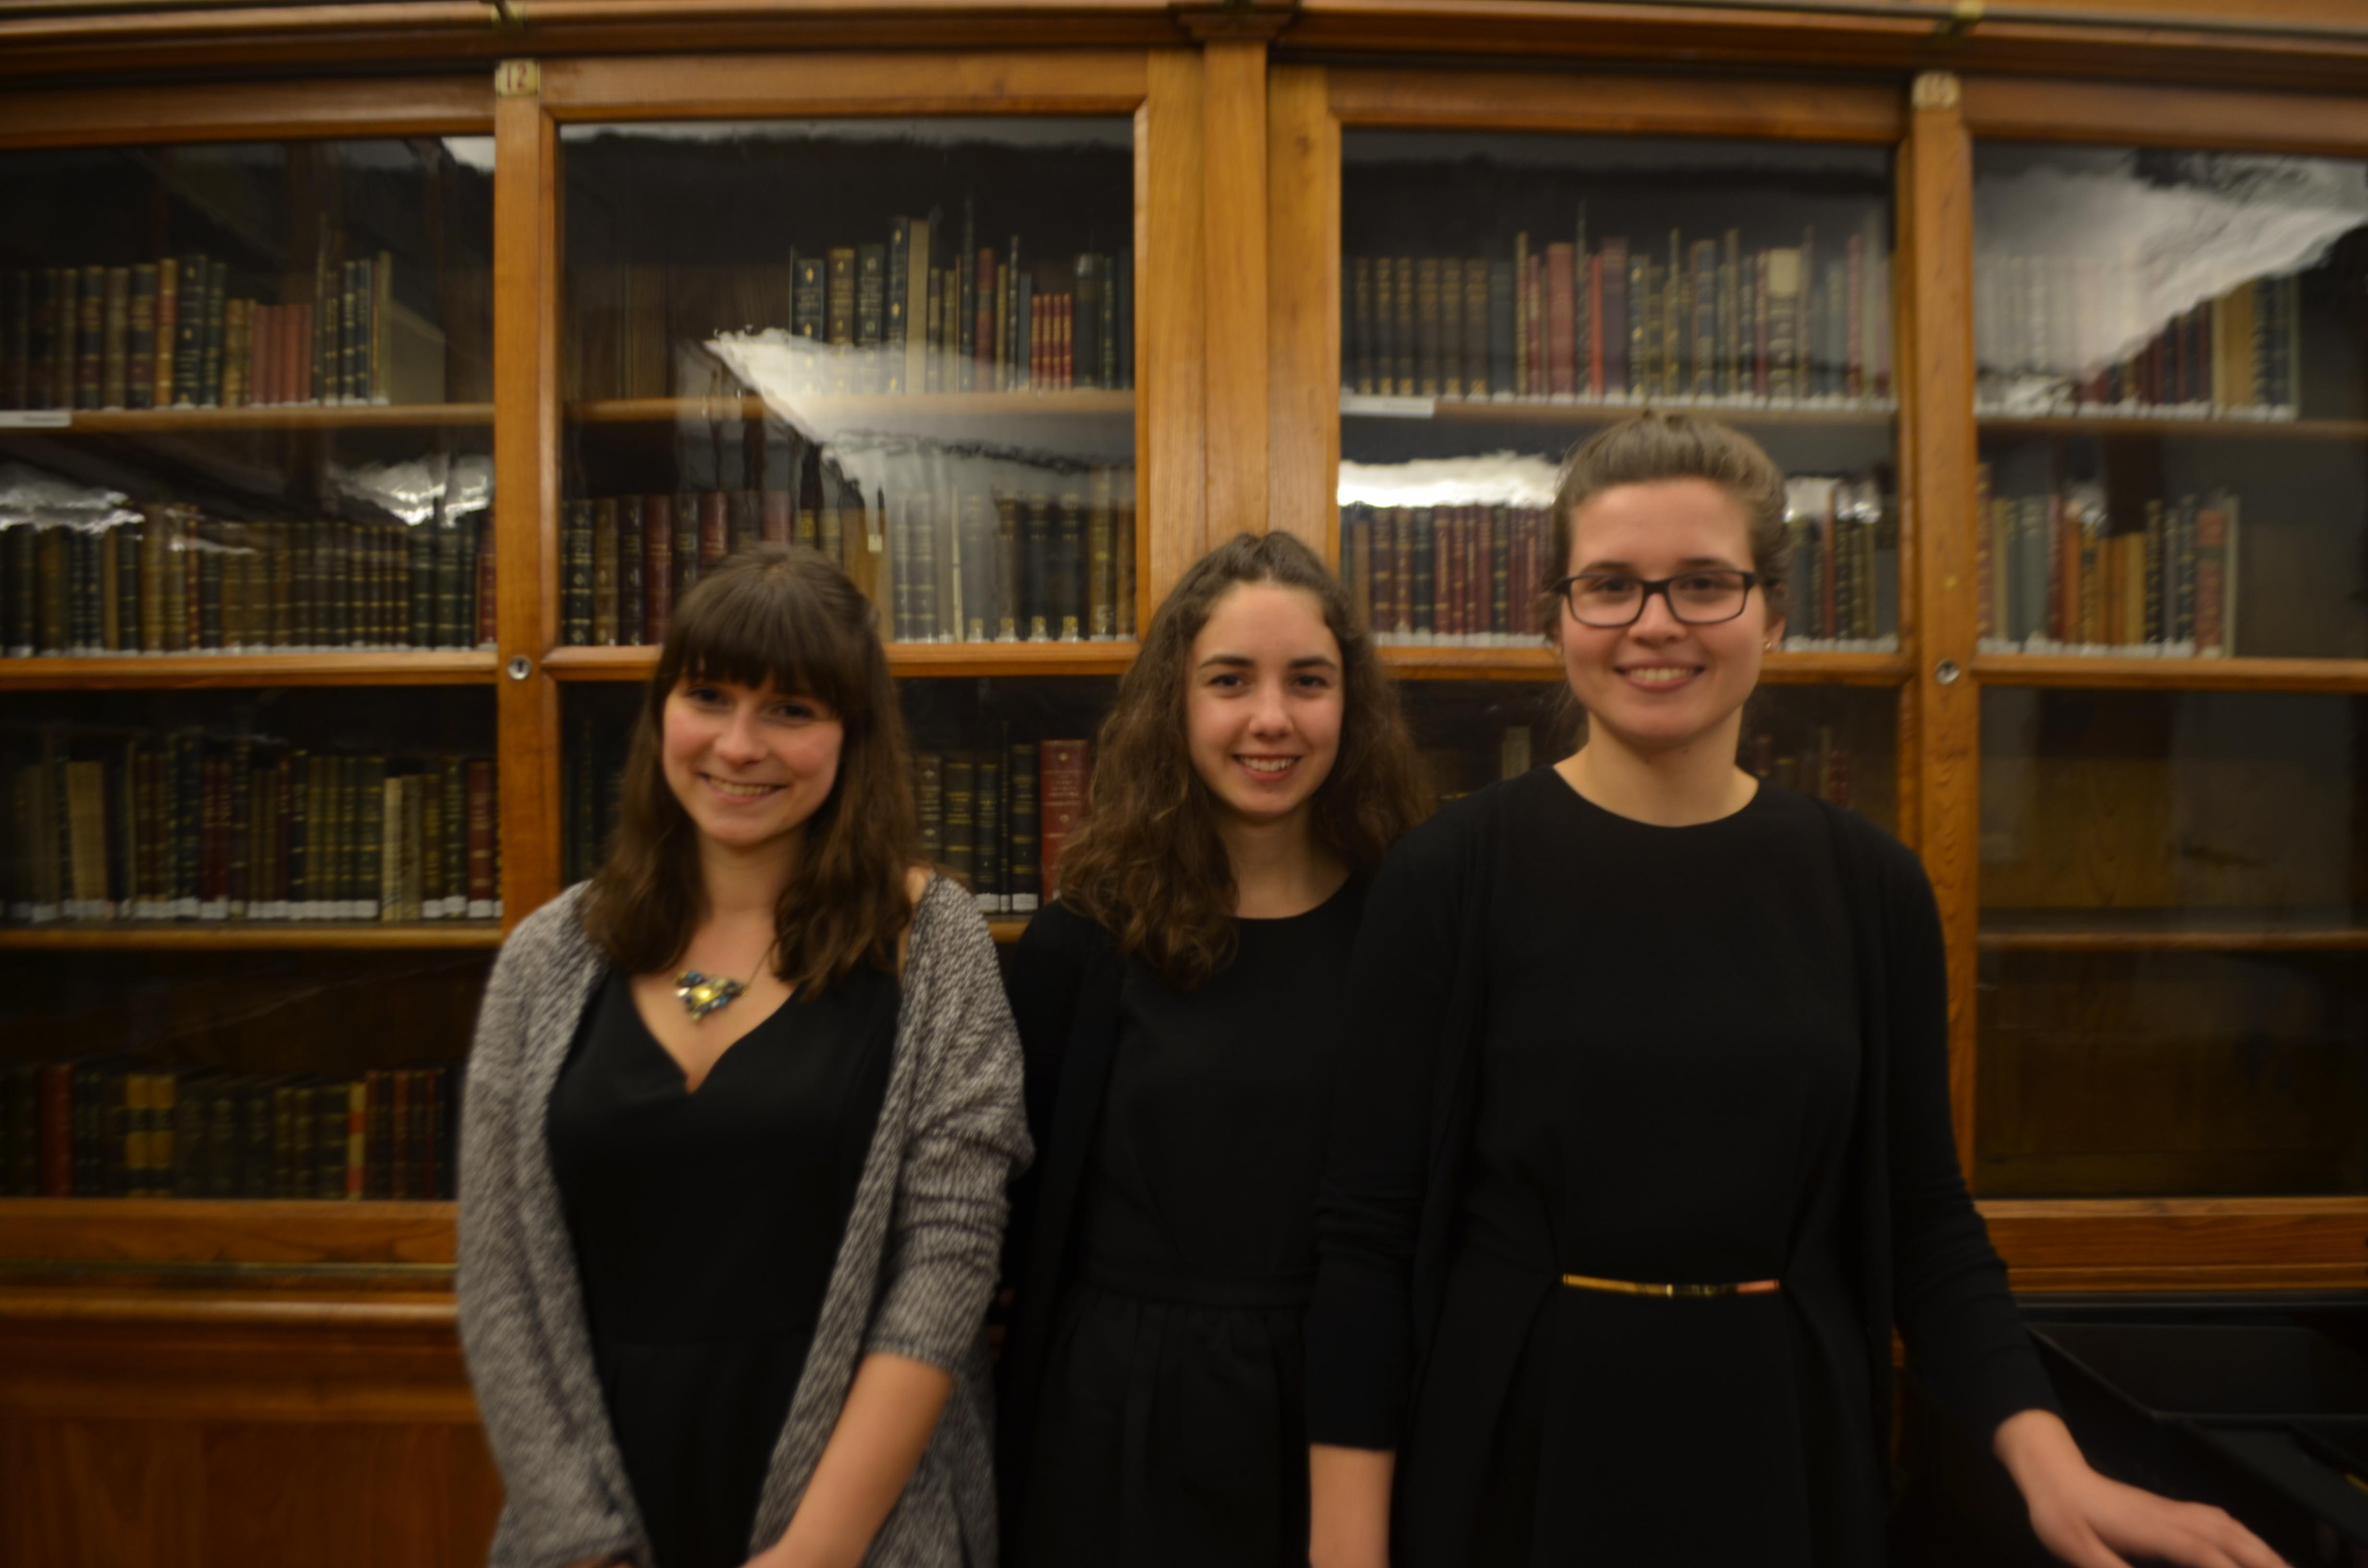 Inês Beatriz Silva, Sofia Pais e Sofia Rodrigues são as finalistas da licenciatura de Música da ESMAE.